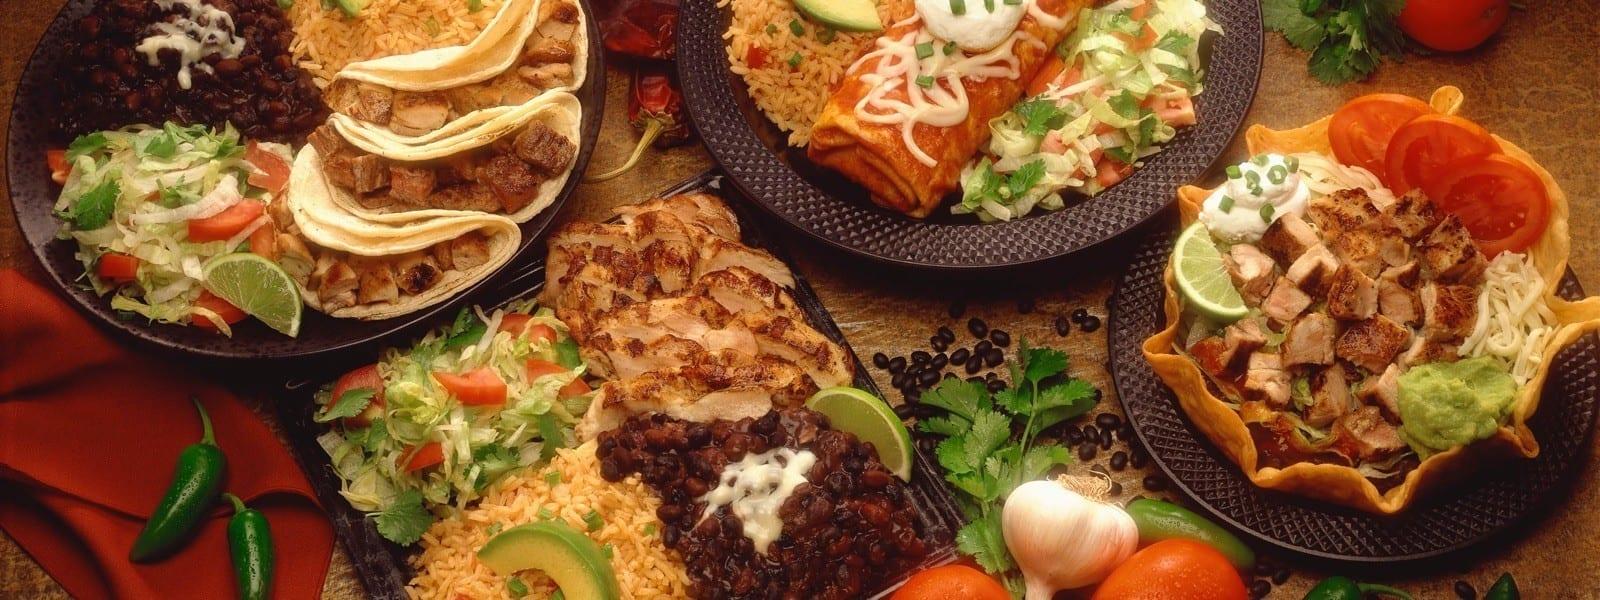 Huatulco Best Restaurants Food